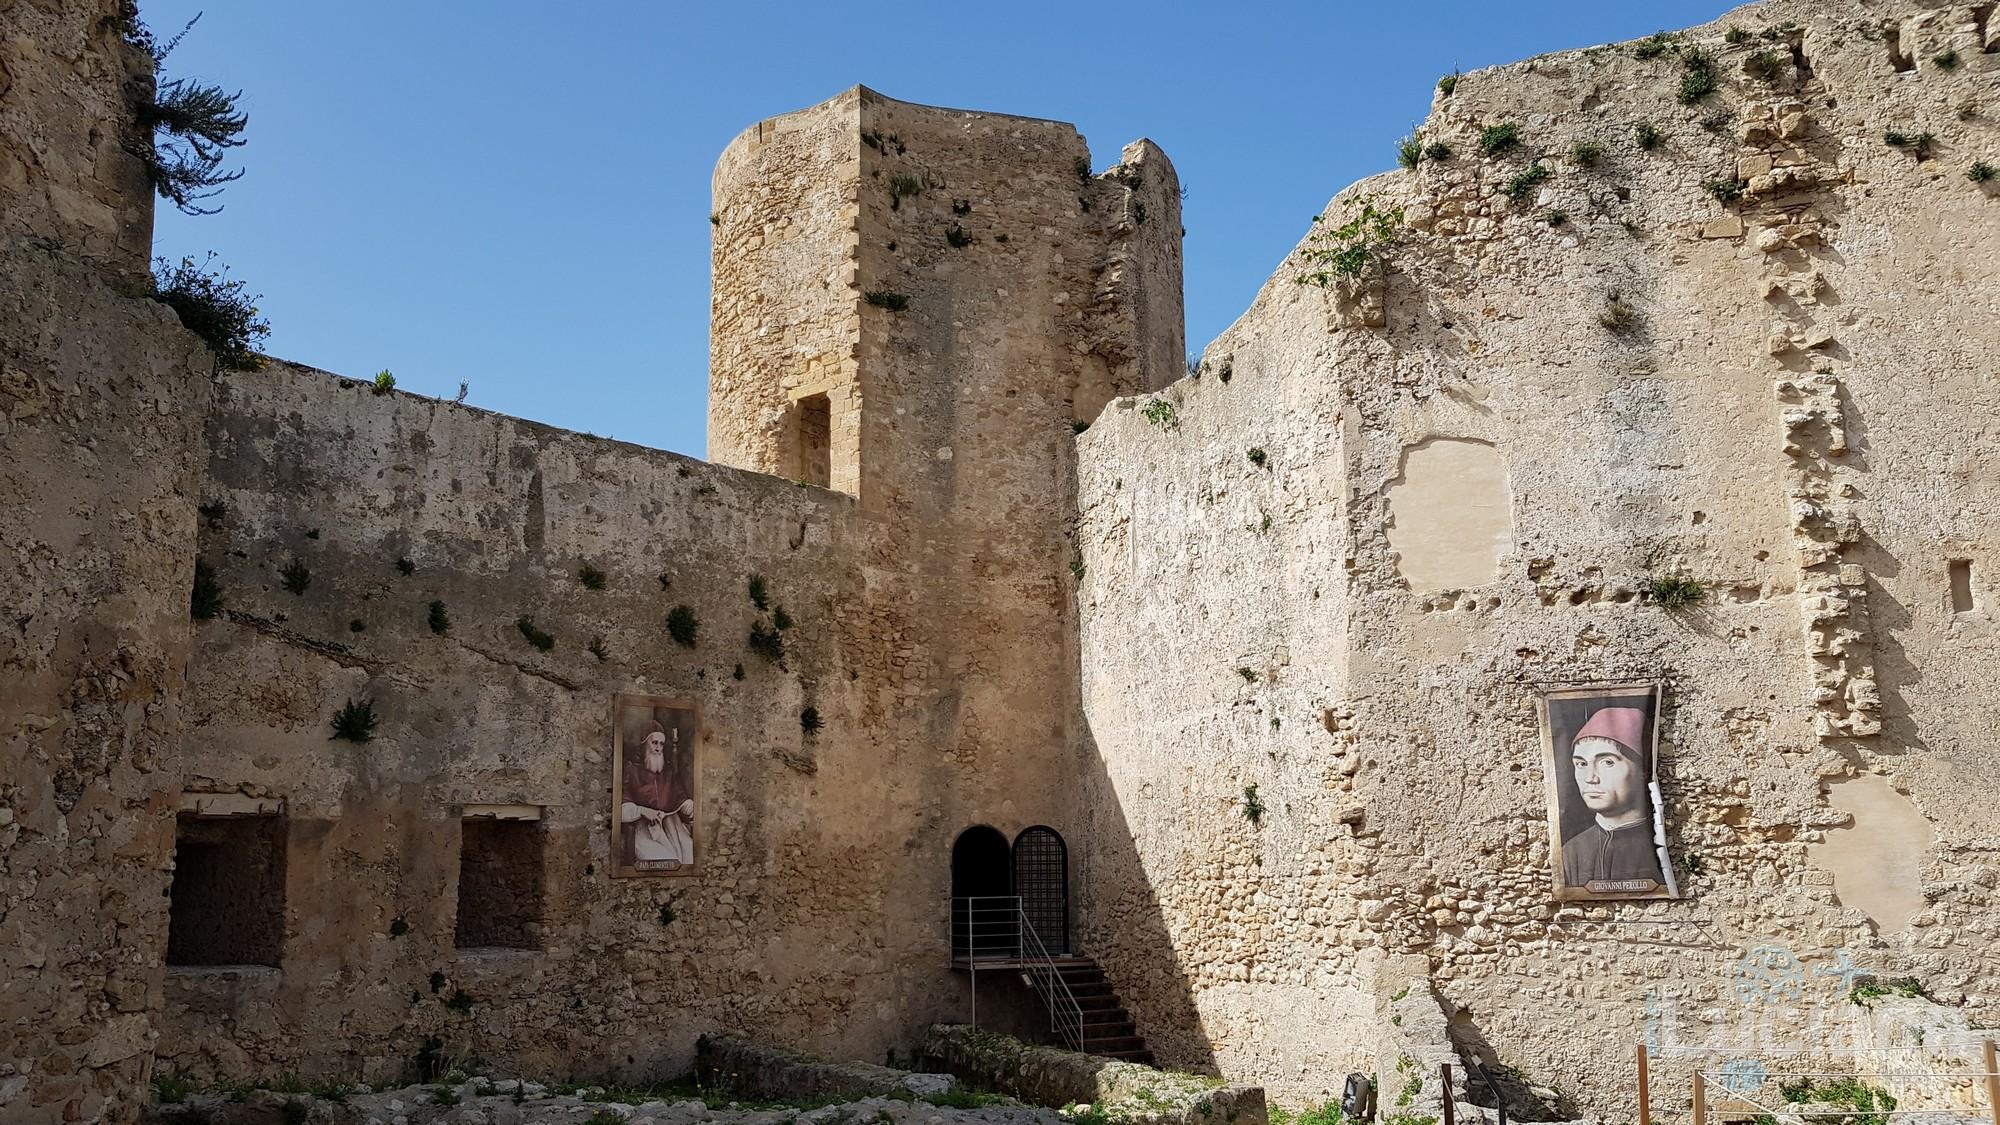 castello-luna-sciacca-lucianoblancato (28)